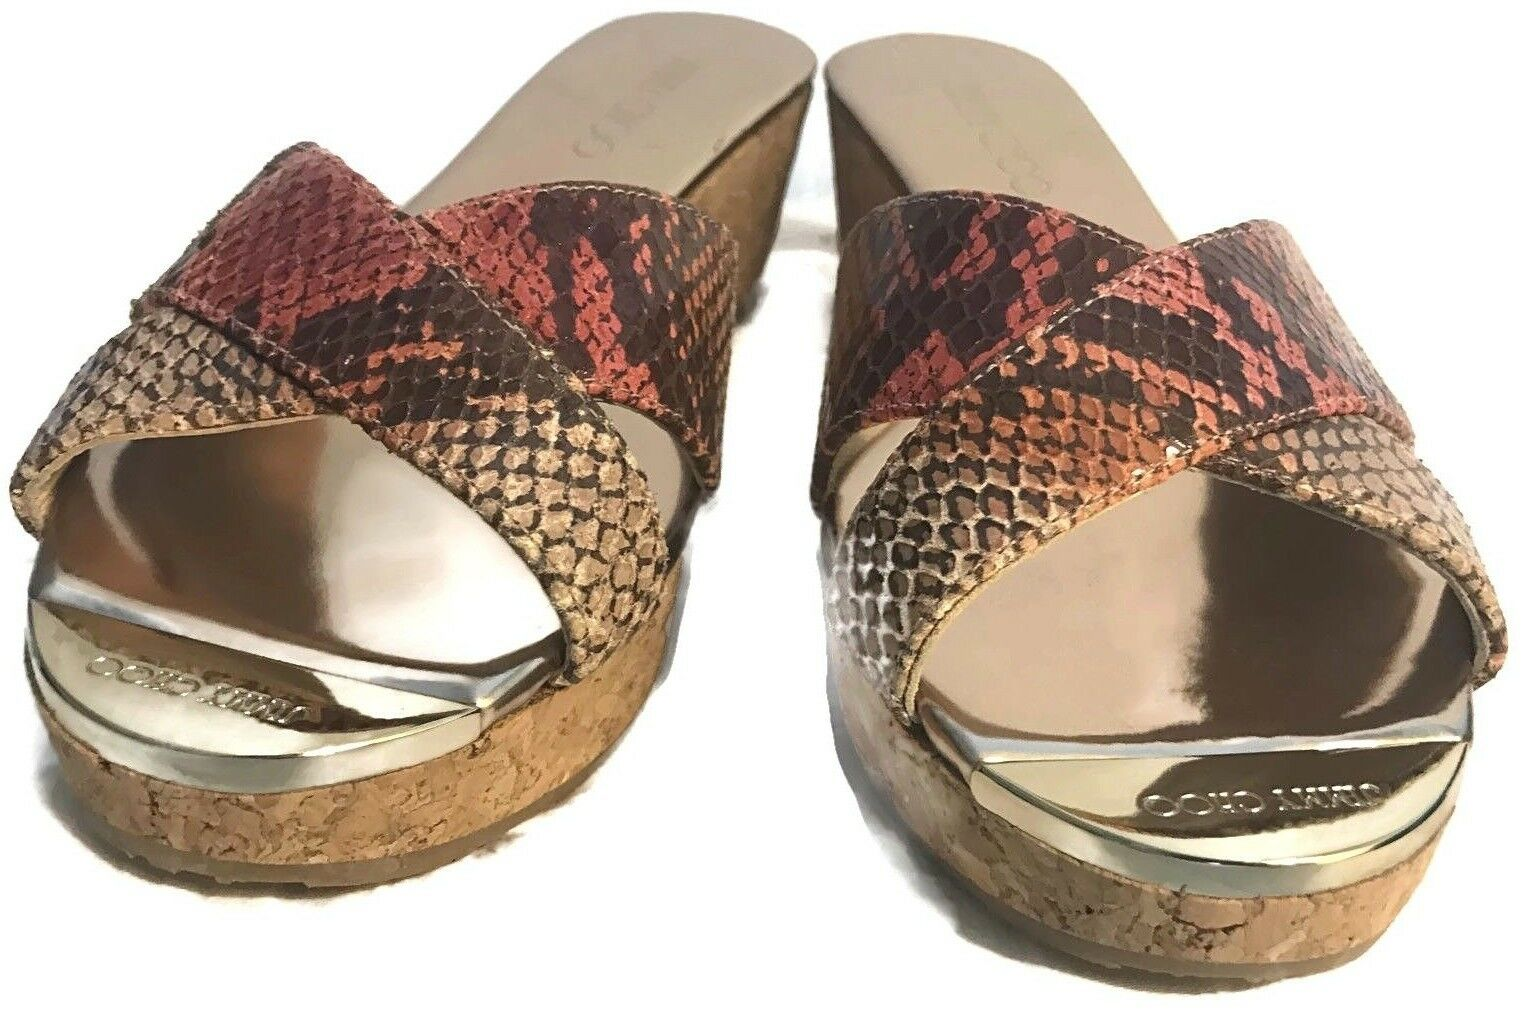 Jimmy Choo Panna Snake Leather Crisscross Slide Slide Slide Sandal Cork Wedge shoes 8.5 NWOB 2cf42c